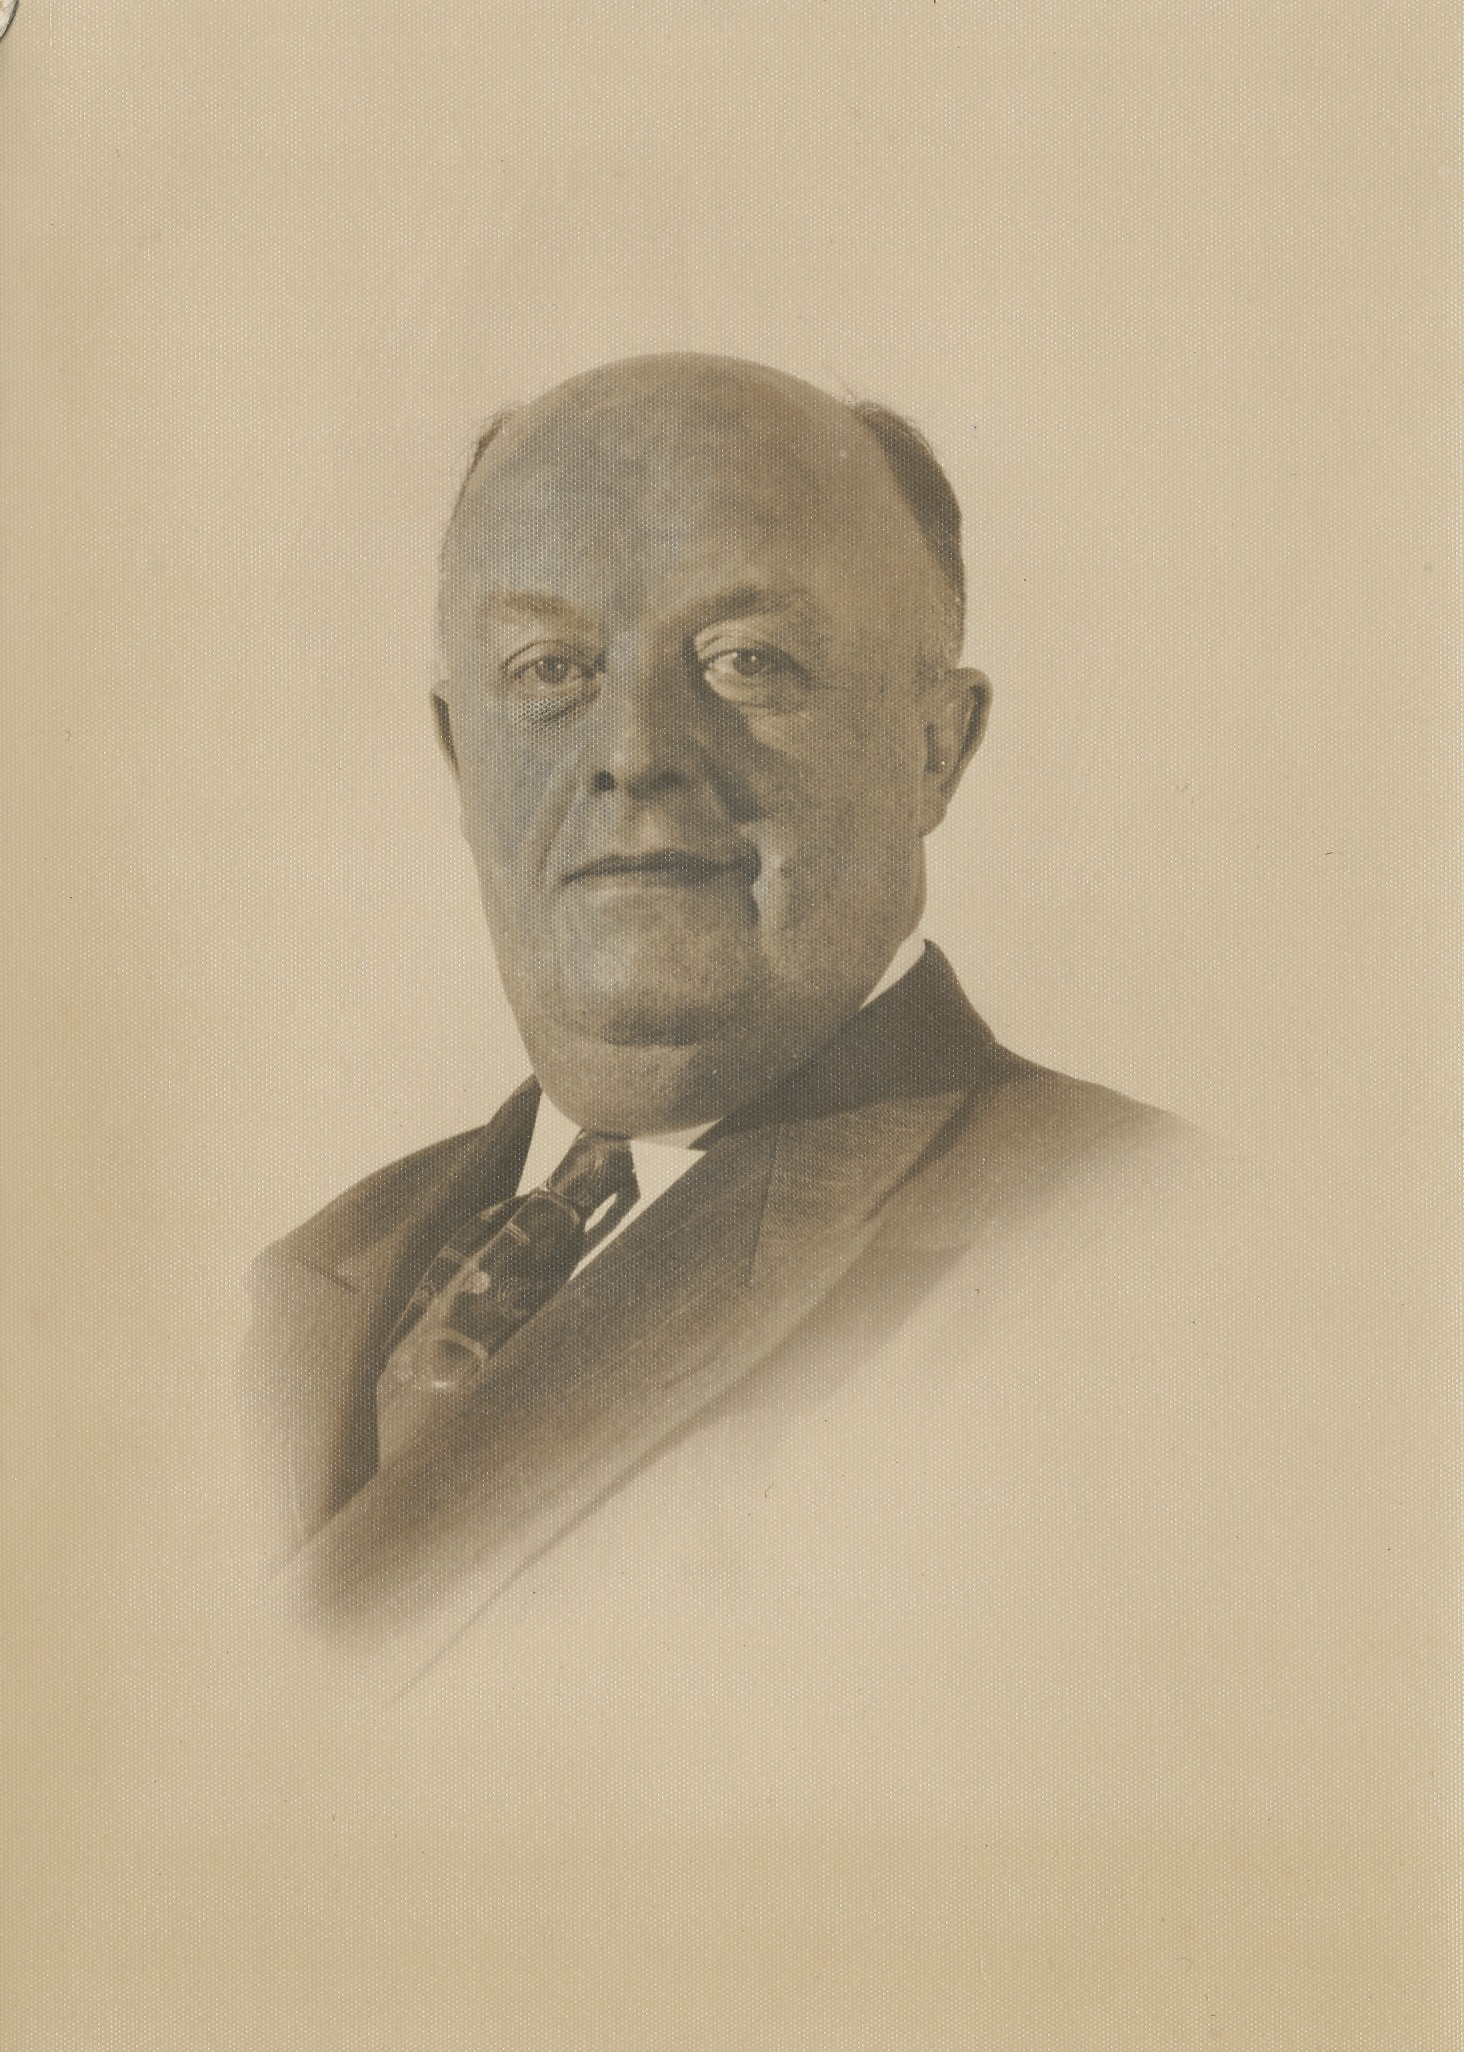 William Sheehan